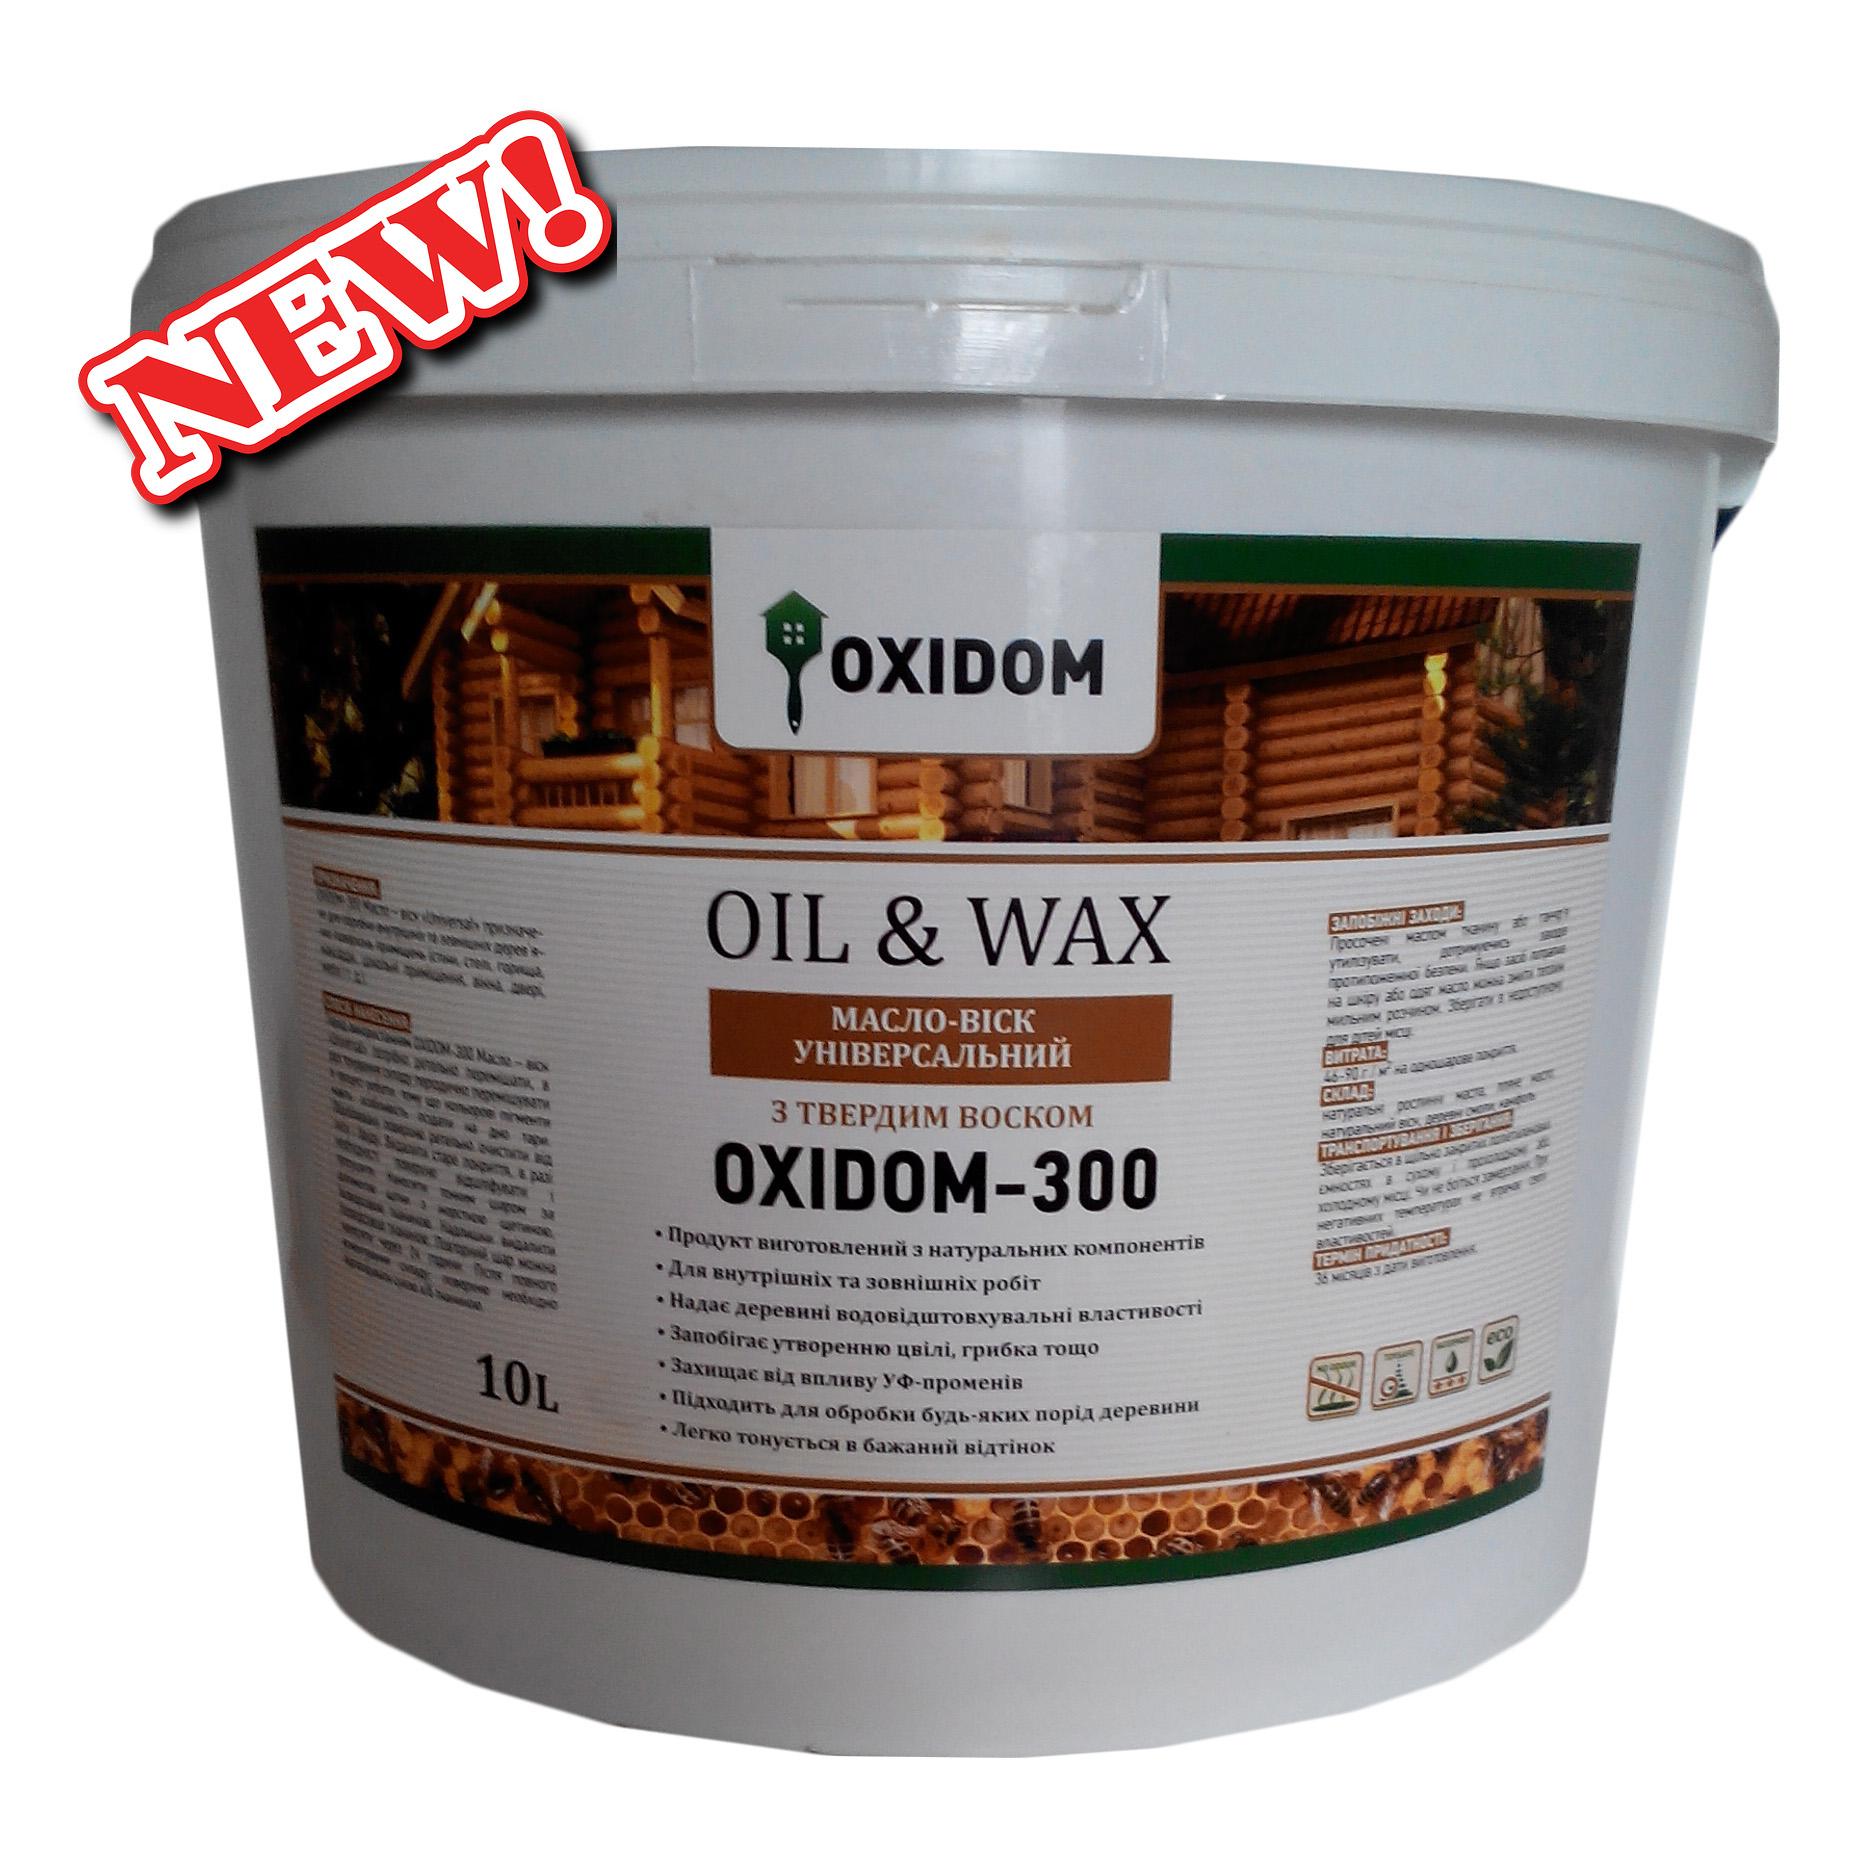 Оксидом-3000